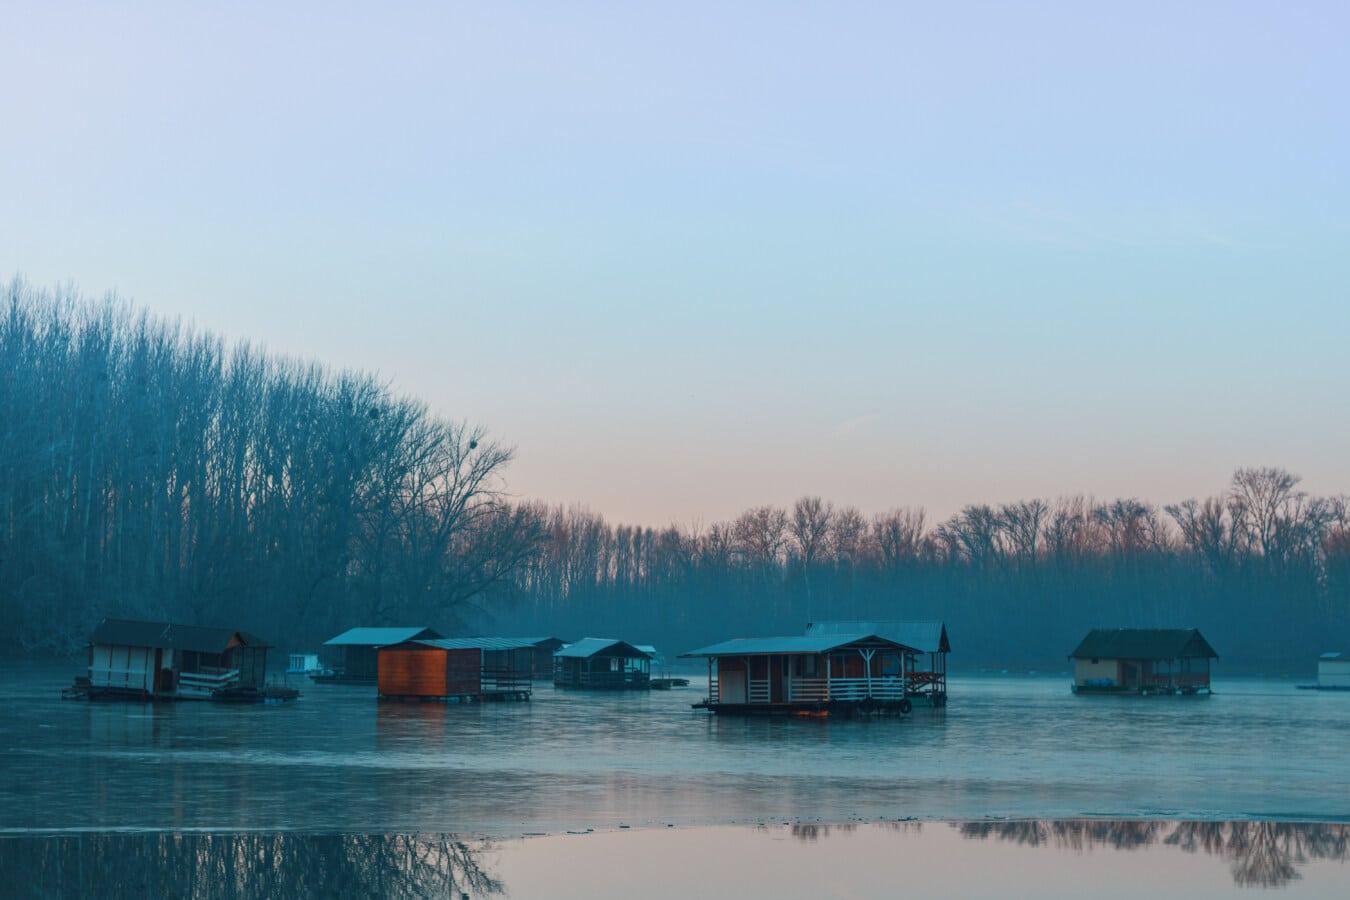 am See, gefroren, kaltes Wasser, Winter, Wasser, Eiswasser, neblig, Bootshaus, See, Schuppen